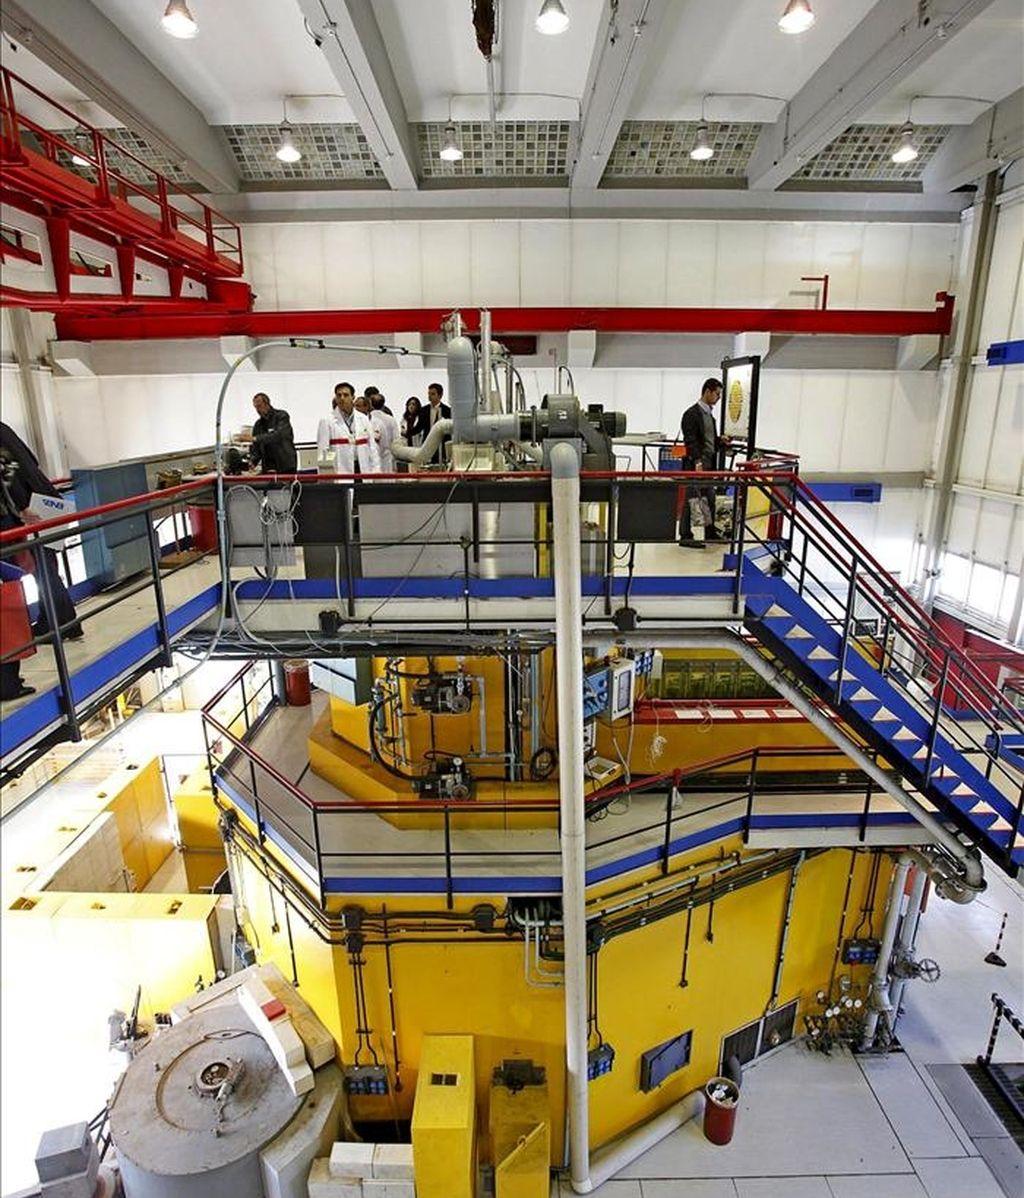 El reactor nuclear TRIGA del Centro de Investigación de ENEA Casaccia en Anguillara (Italia). EFE/Archivo